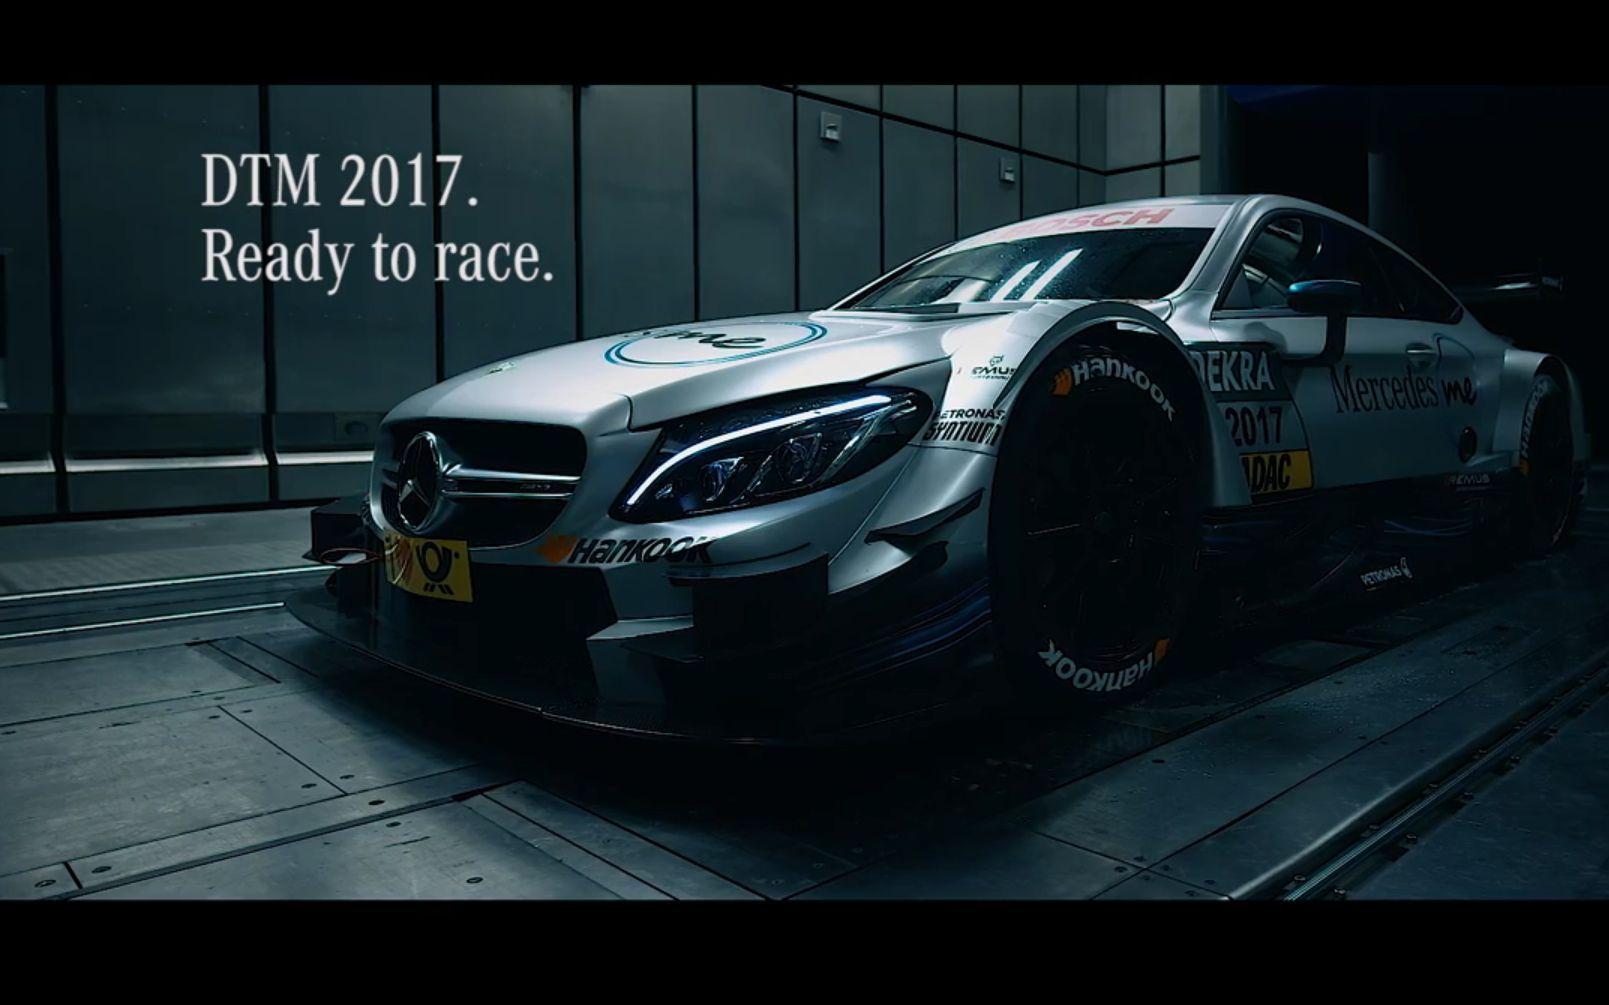 Mercedes C63 Amg 0 60 >> 猛兽来袭:Mercedes-Benz奔驰-c63 AMG (改装赛道款)_哔哩哔哩 (゜-゜)つロ 干杯~-bilibili